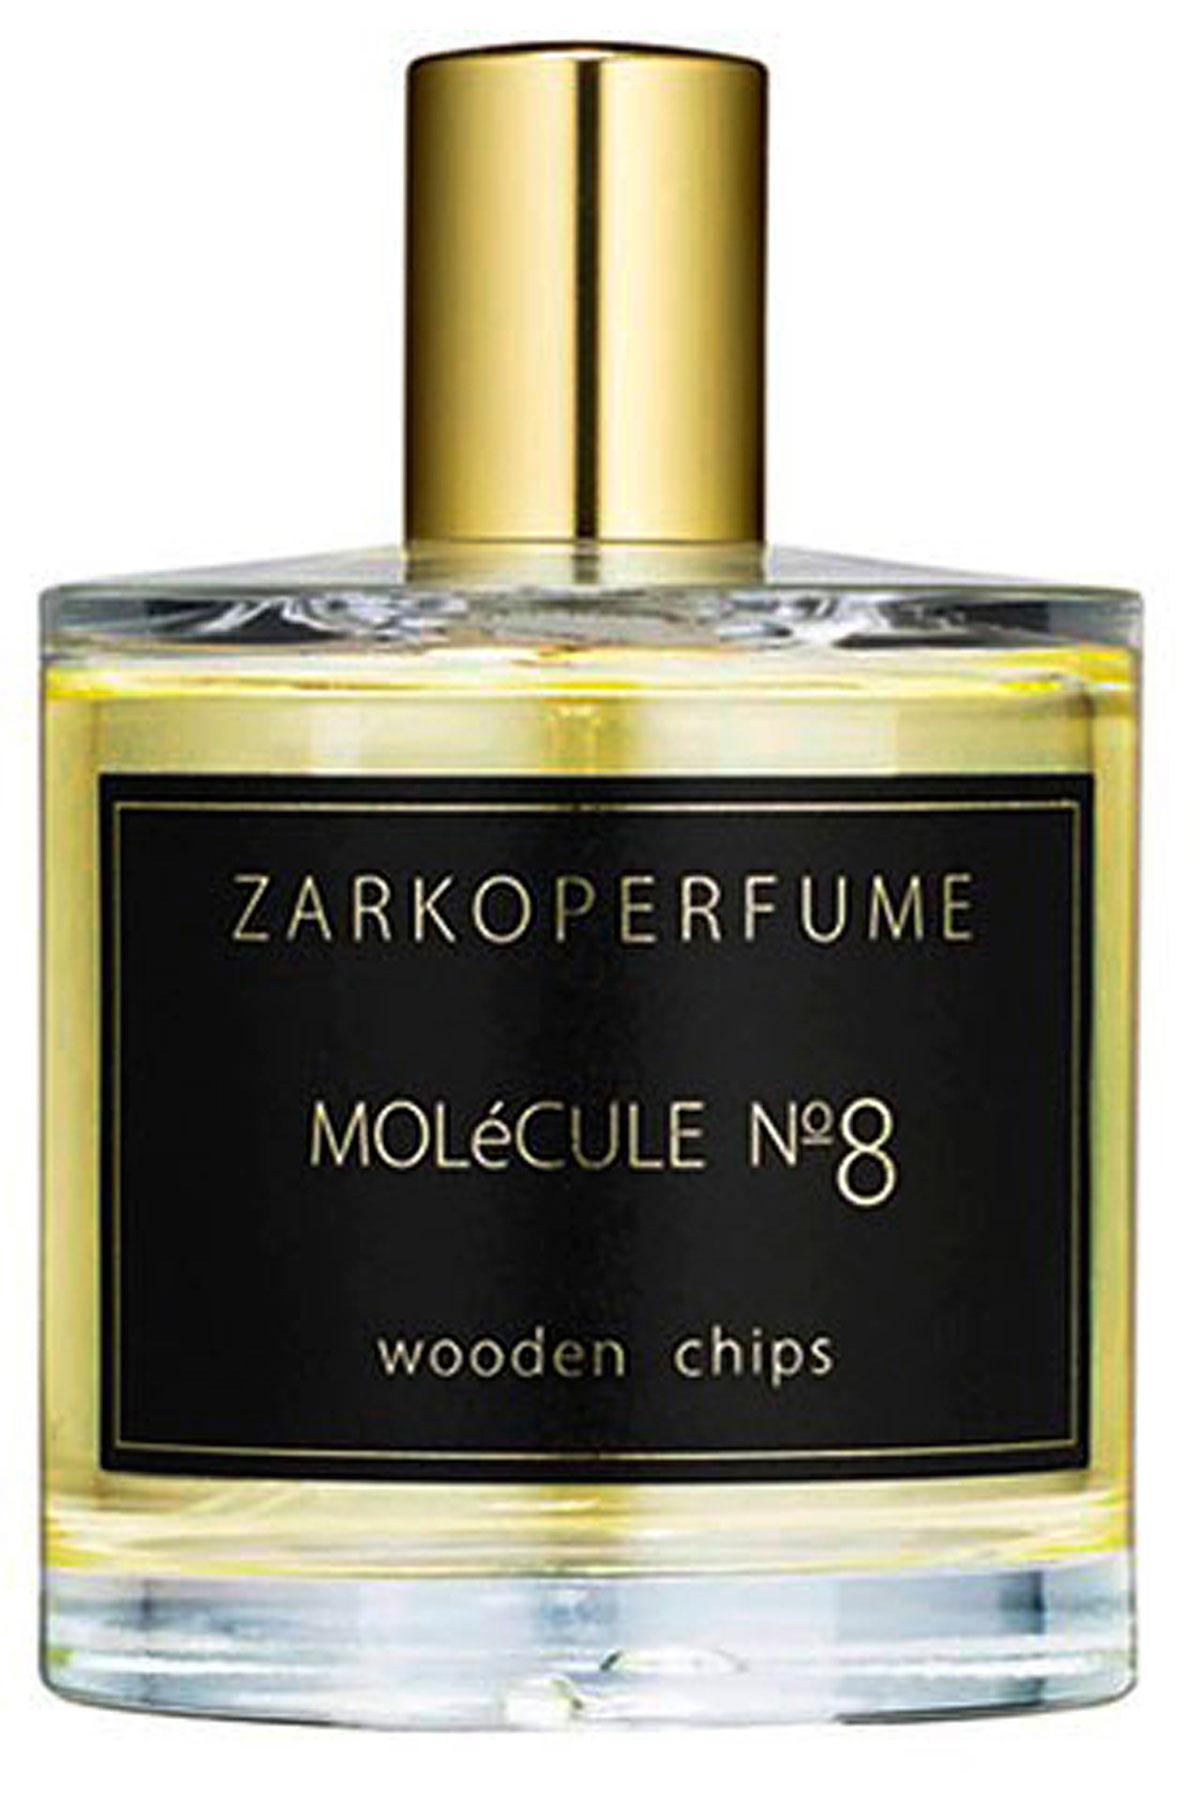 Zarkoperfume Fragrances Voor Mannen, Molecule N.8 Wooden Chips - Eau De Parfum - 100 Ml, 2019, 100 Ml